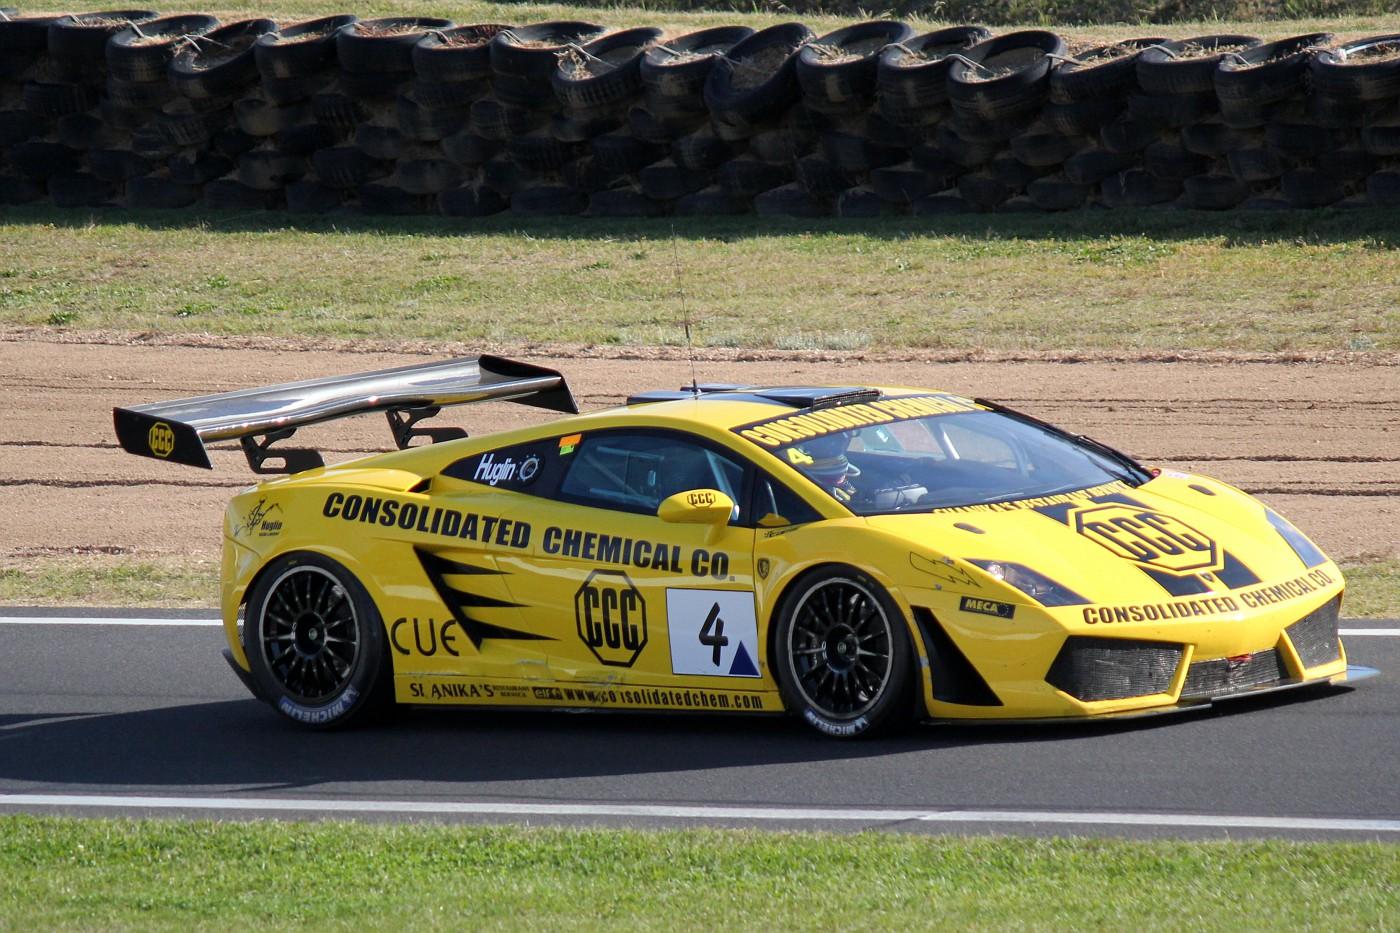 Production Sports Car Race - Bathurst Motor Festival 240411 090 $500,000 V10 Lamborghini Gallardo LP560-4 No 4